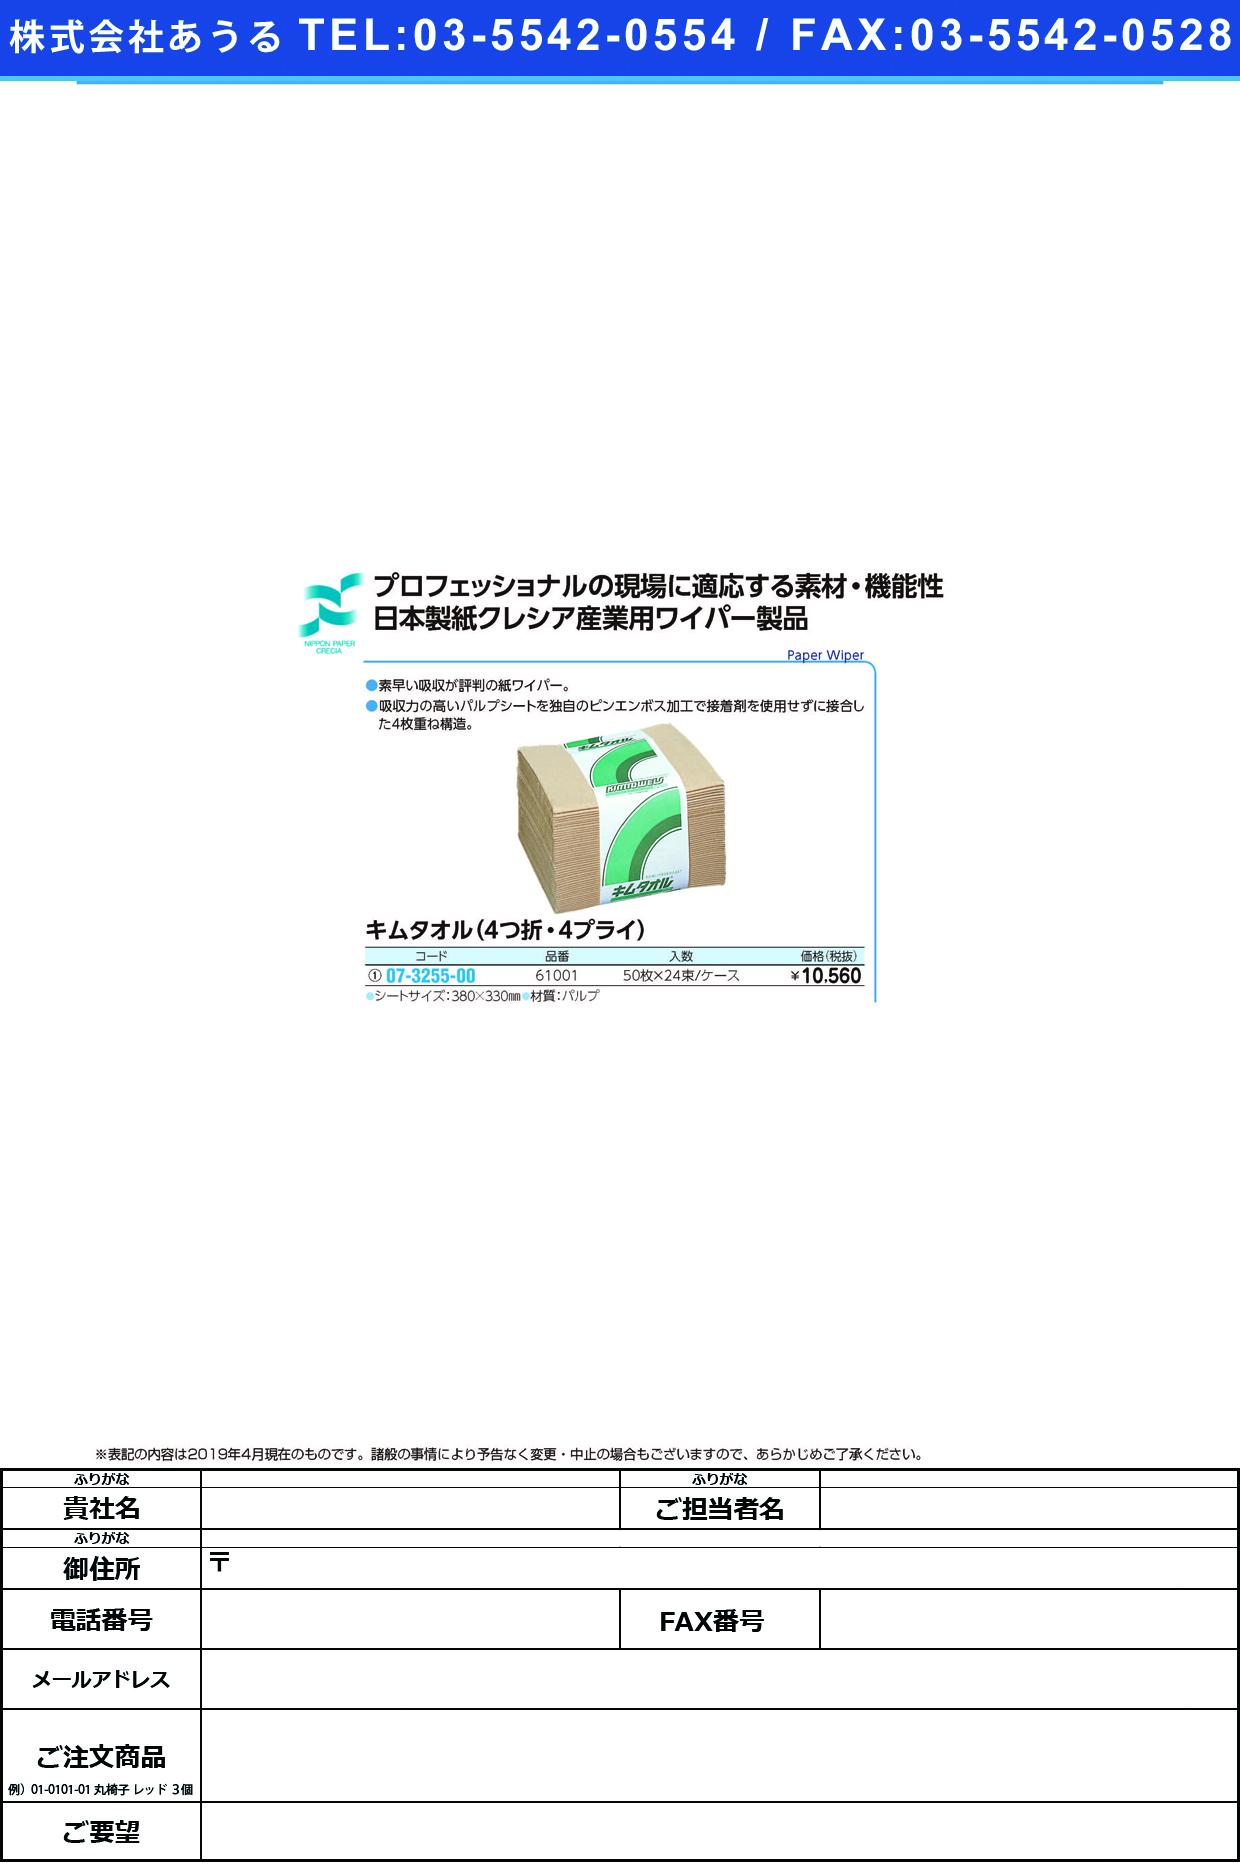 (07-3255-00)キムタオル(4つ折・4プライ) 61000(50マイX24タバ) キムタオル(4ツオリ4プライ)(日本製紙クレシア)【1梱単位】【2019年カタログ商品】